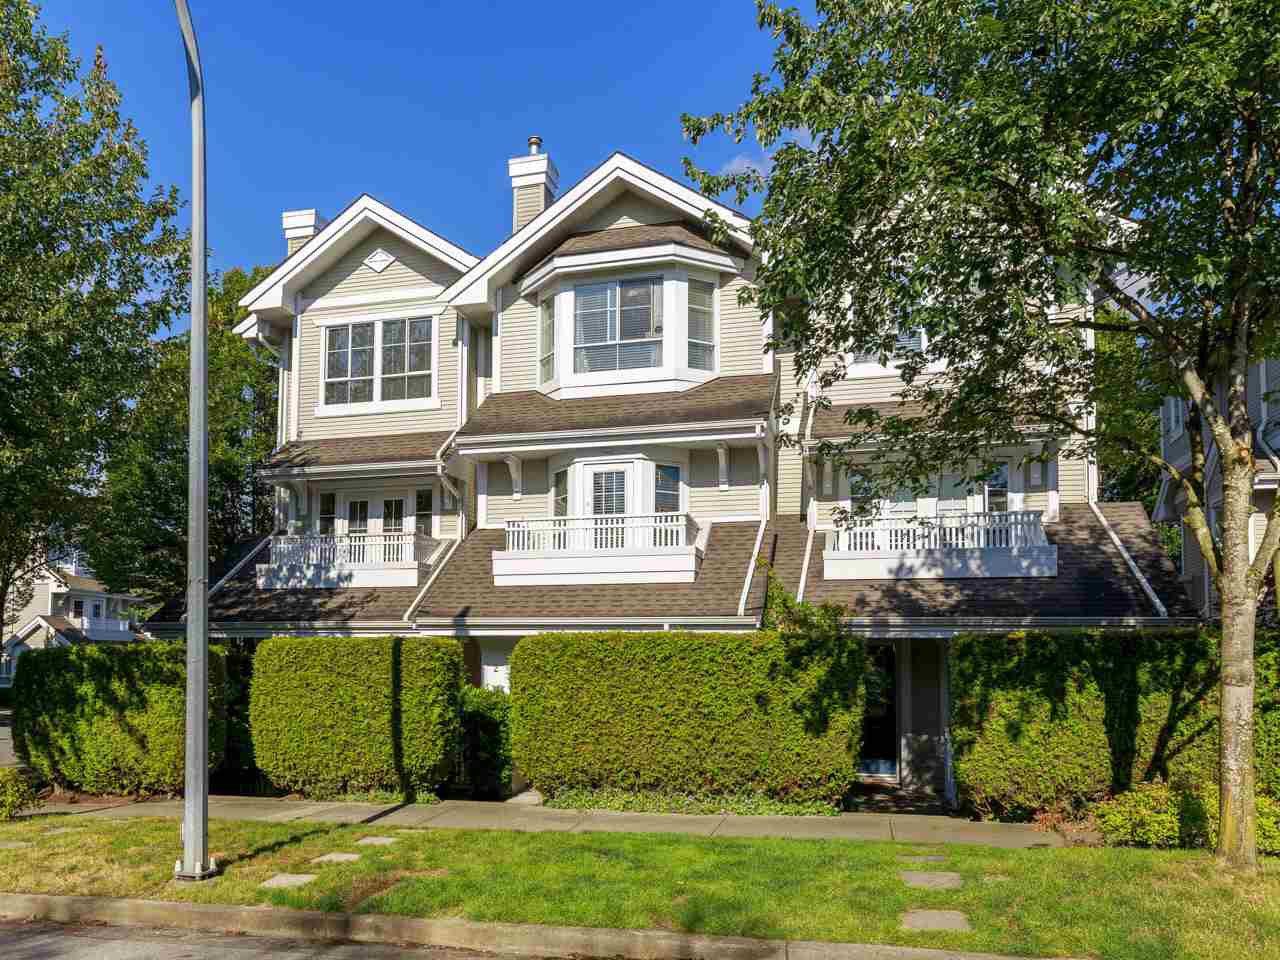 """Main Photo: 2 22000 SHARPE Avenue in Richmond: Hamilton RI Townhouse for sale in """"Richmond Mews"""" : MLS®# R2472490"""